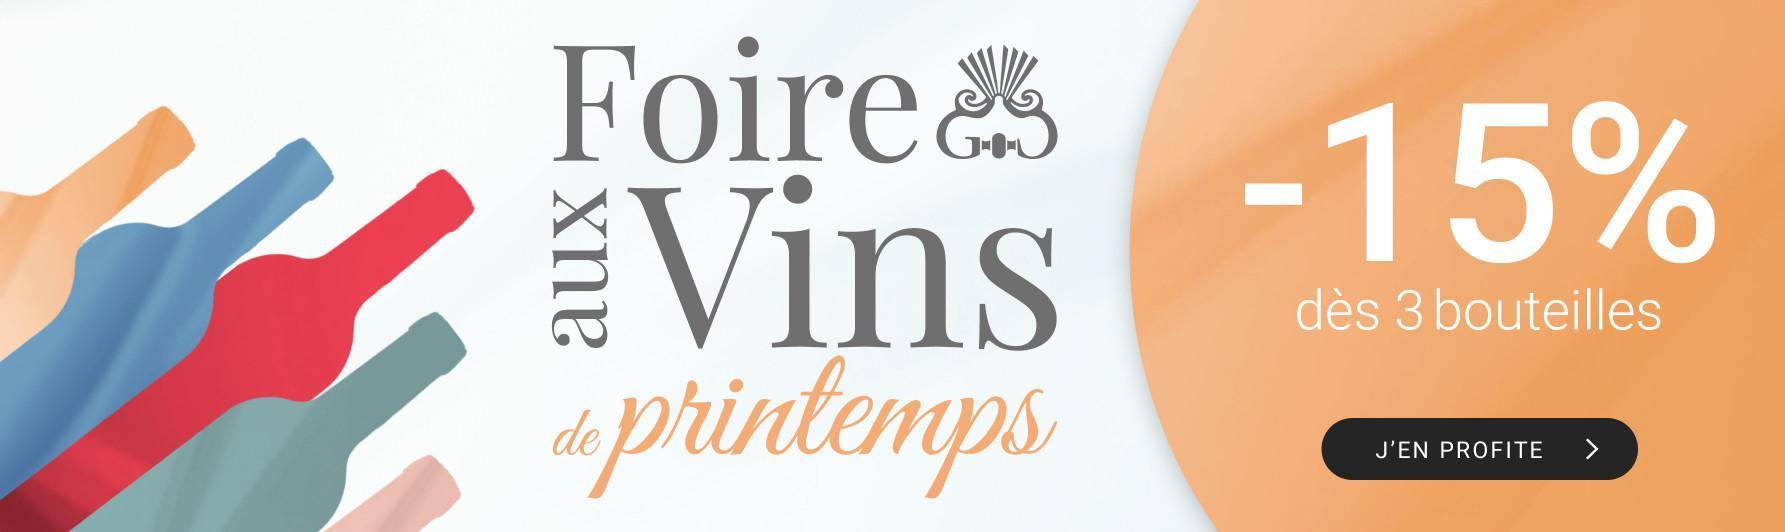 Foire aux vins de printemps par 3 = -15%